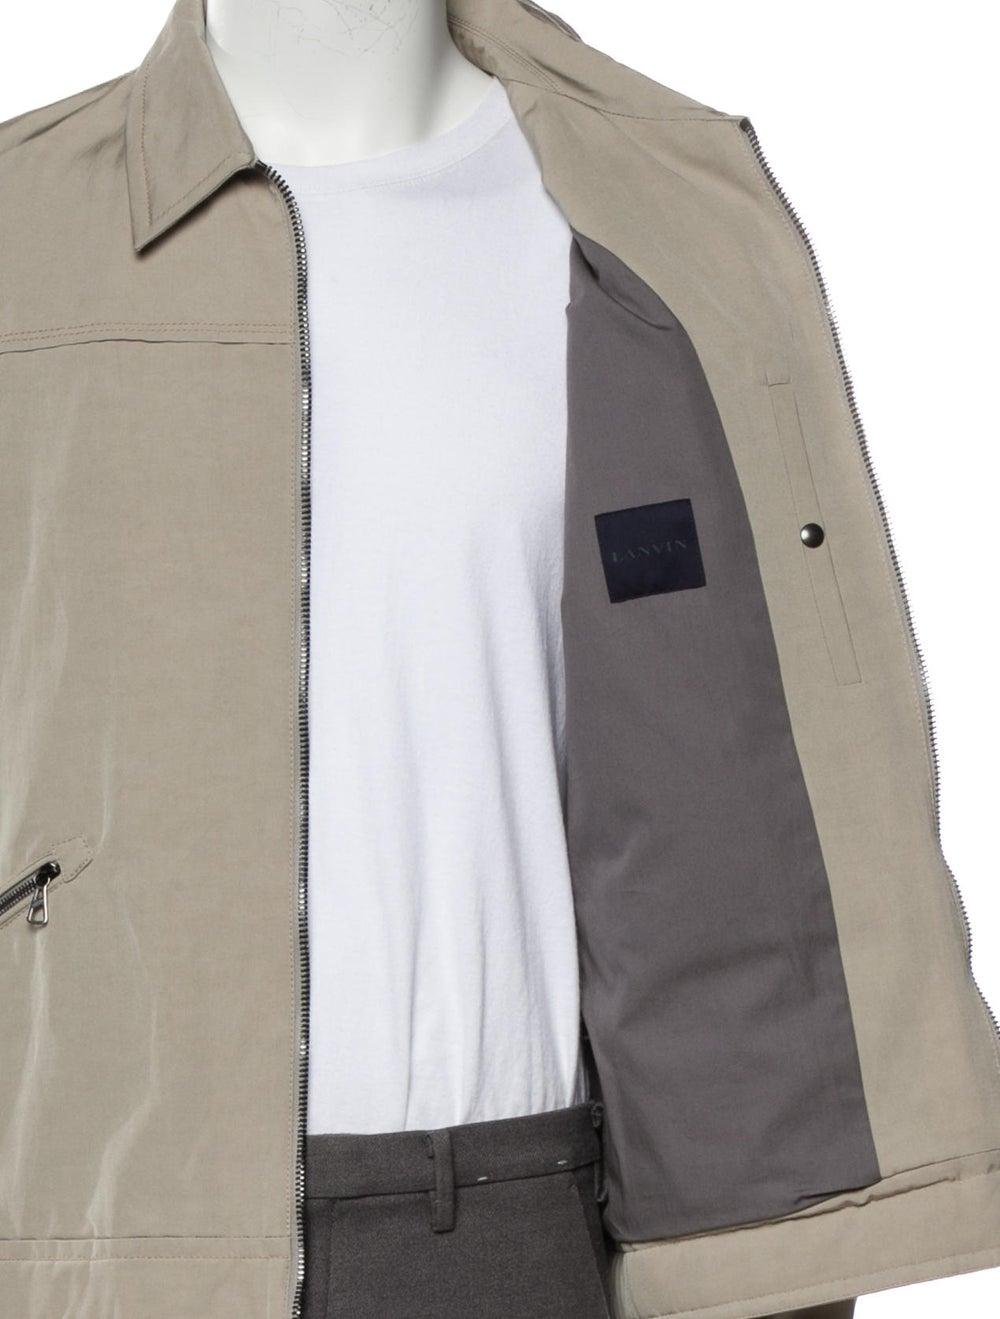 Lanvin Ricky Blouson Jacket w/ Tags beige - image 4